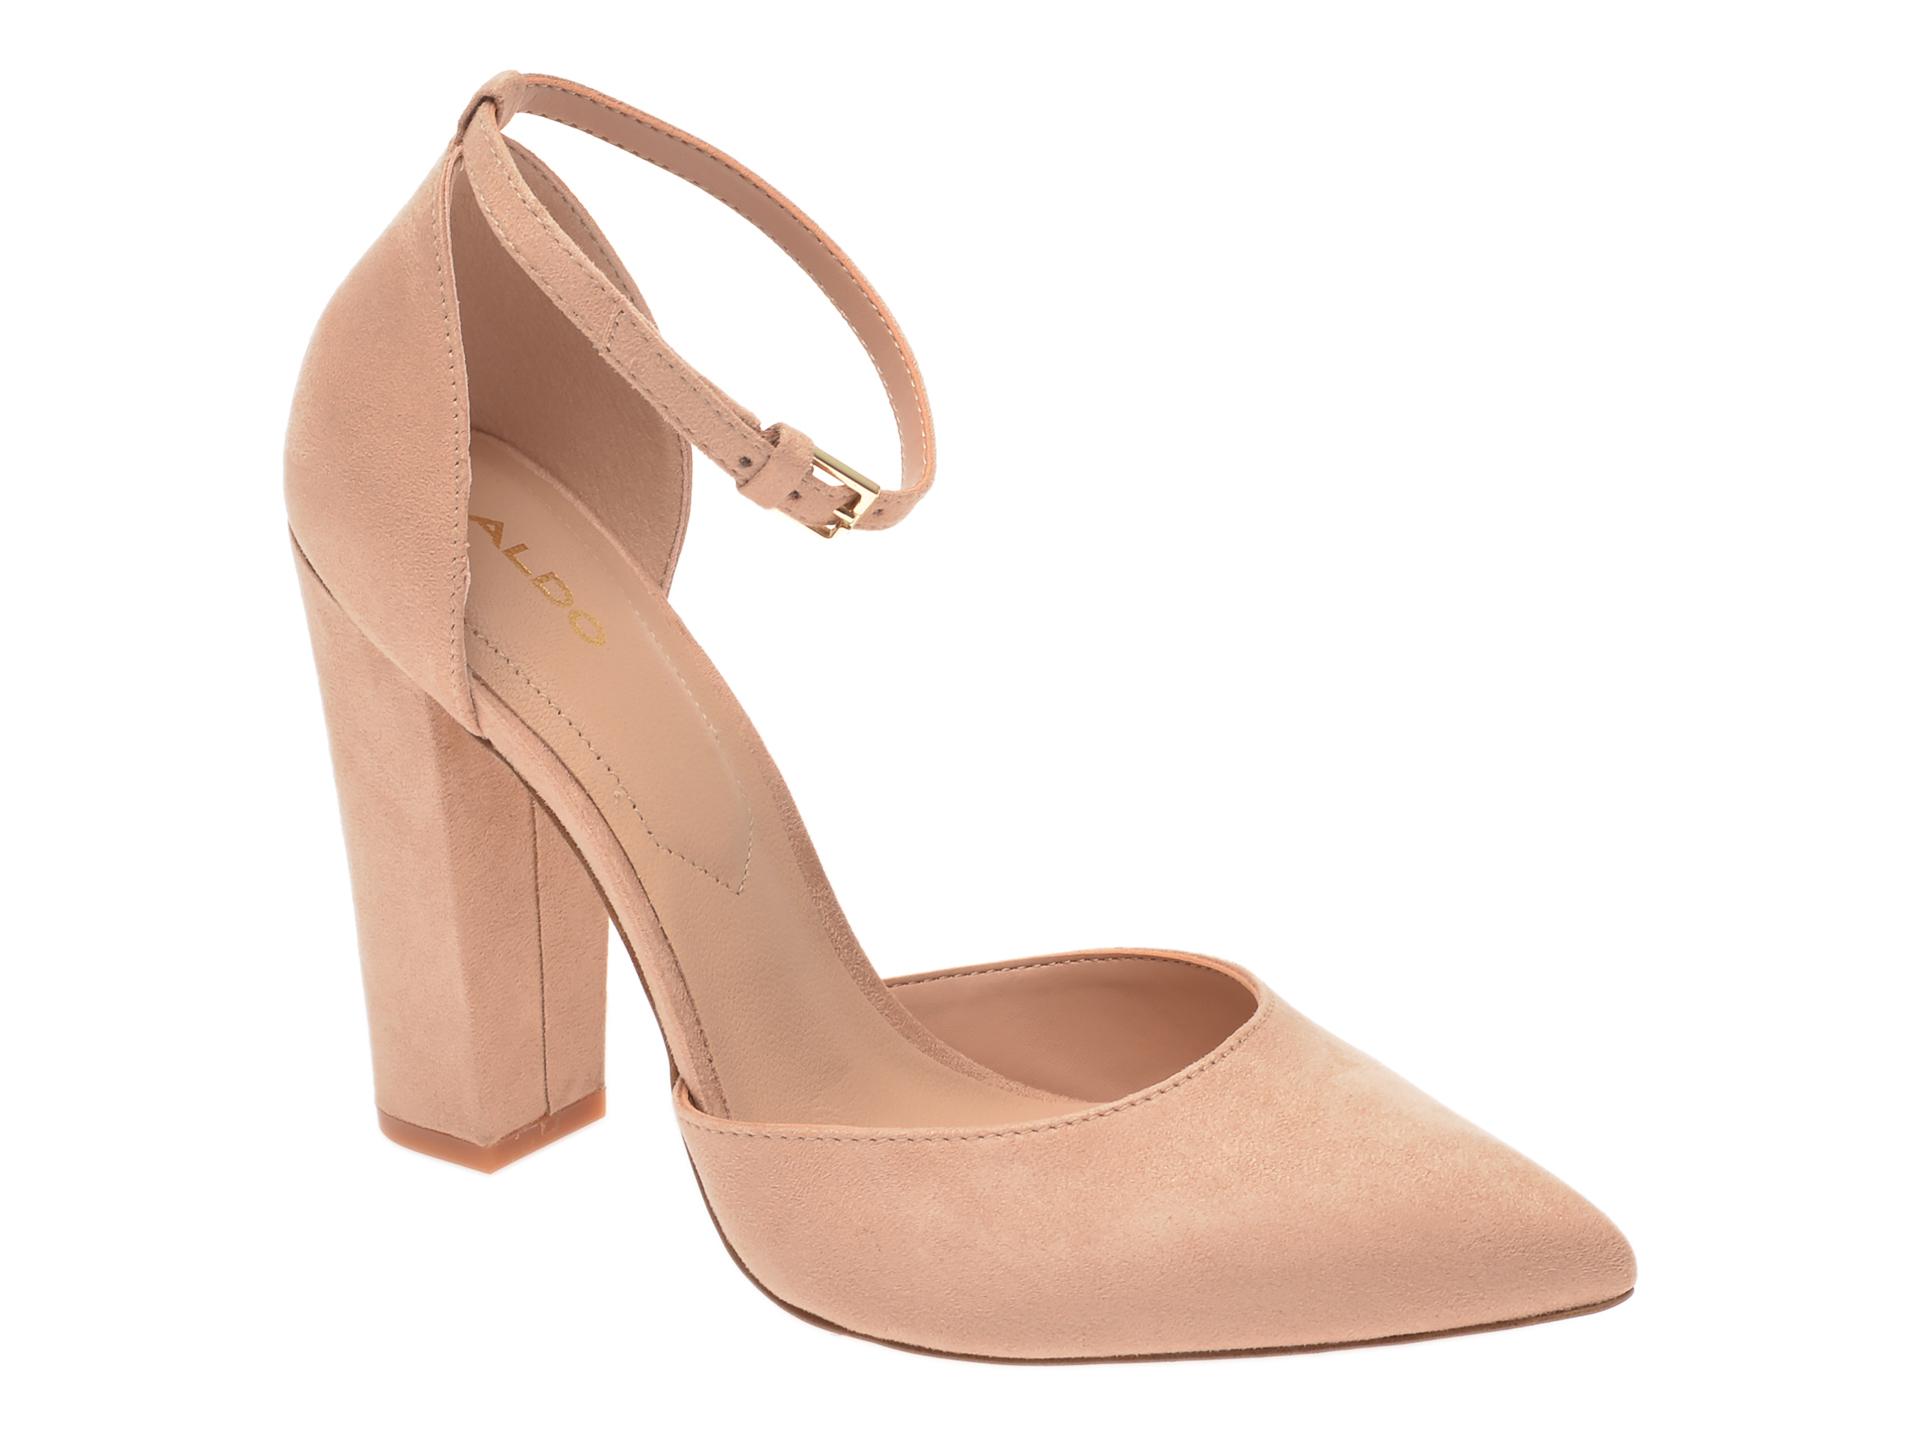 Pantofi ALDO nude, Nicholes270, din piele ecologica imagine otter.ro 2021